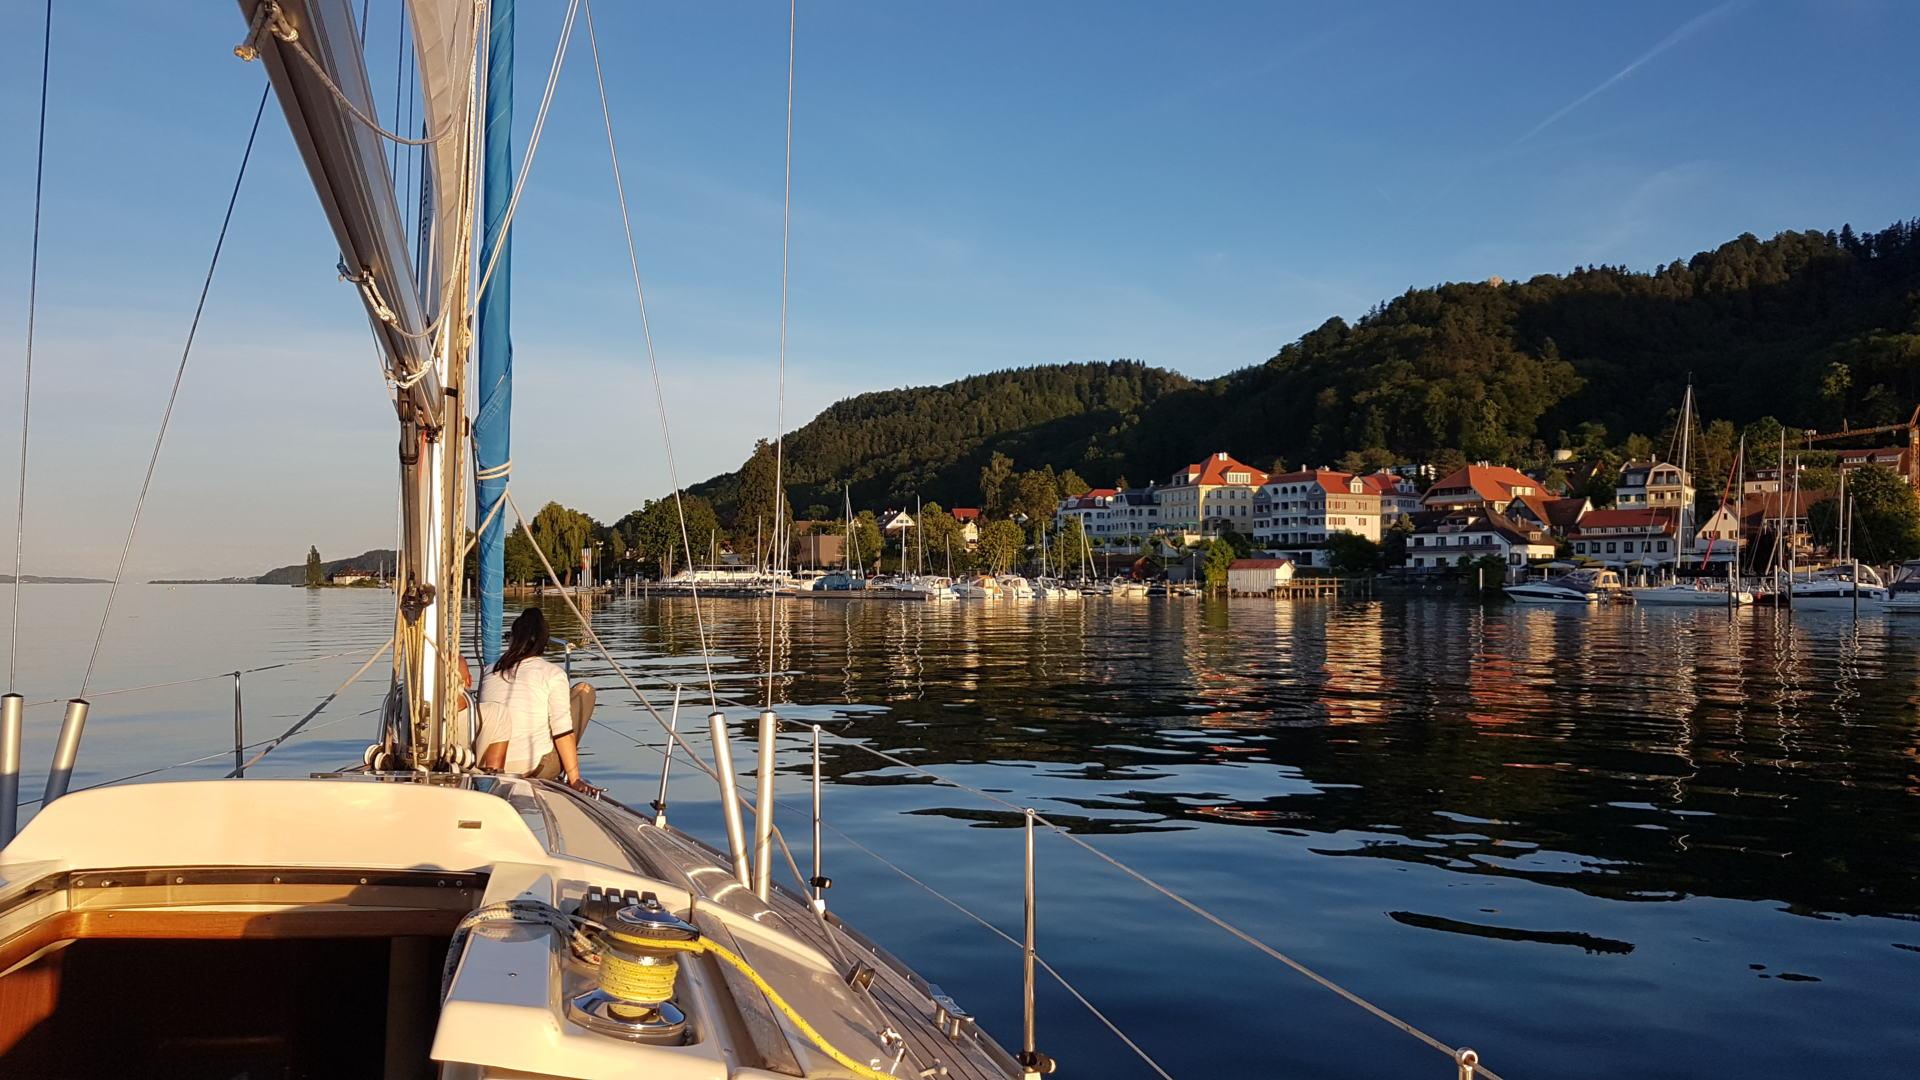 Geheimtipp Bodensee Segeln Bodenseeskipper